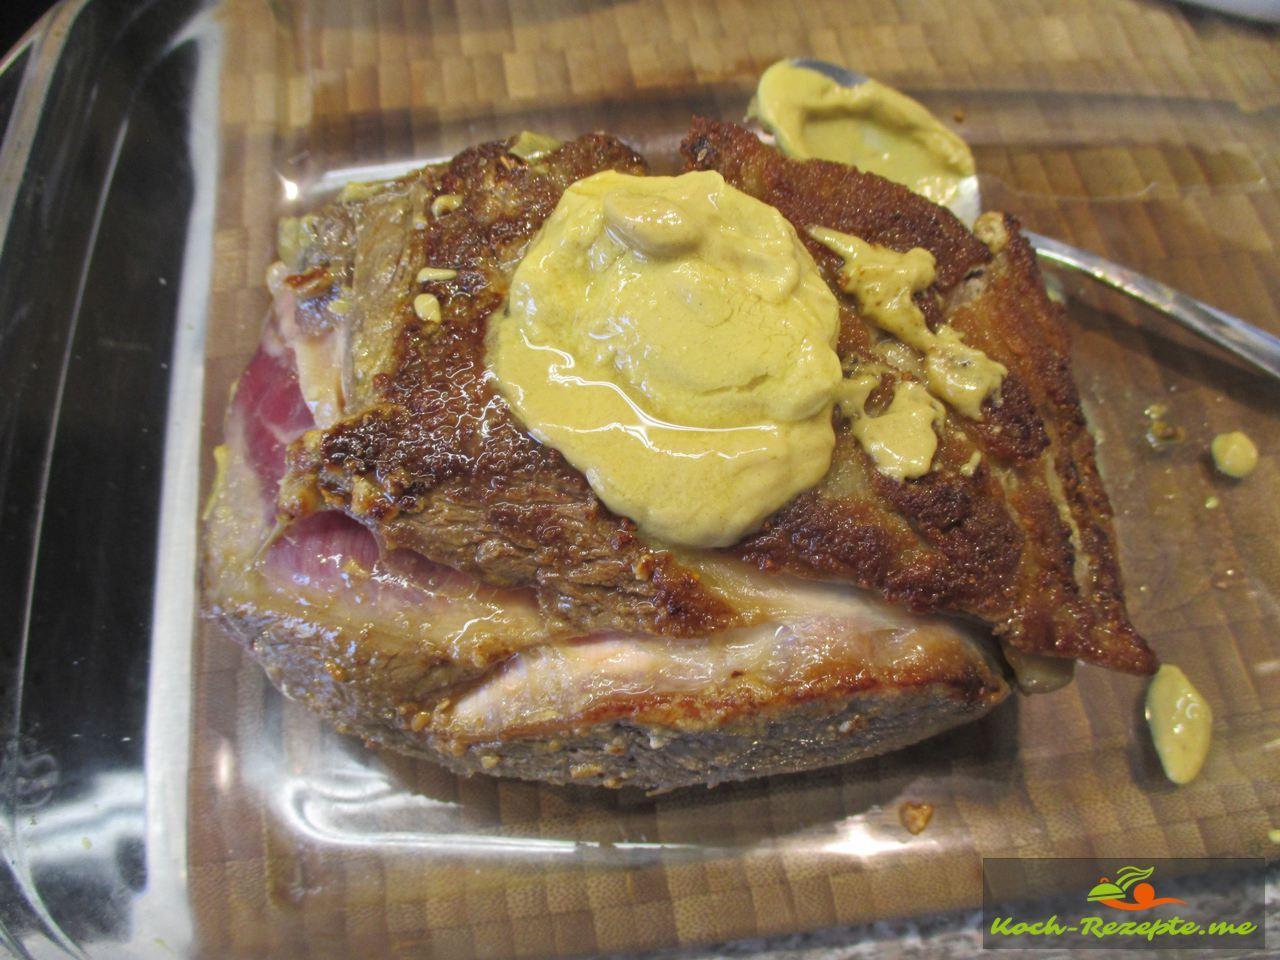 angebratenes Rostbeef mit Dijon-Senf einreiben